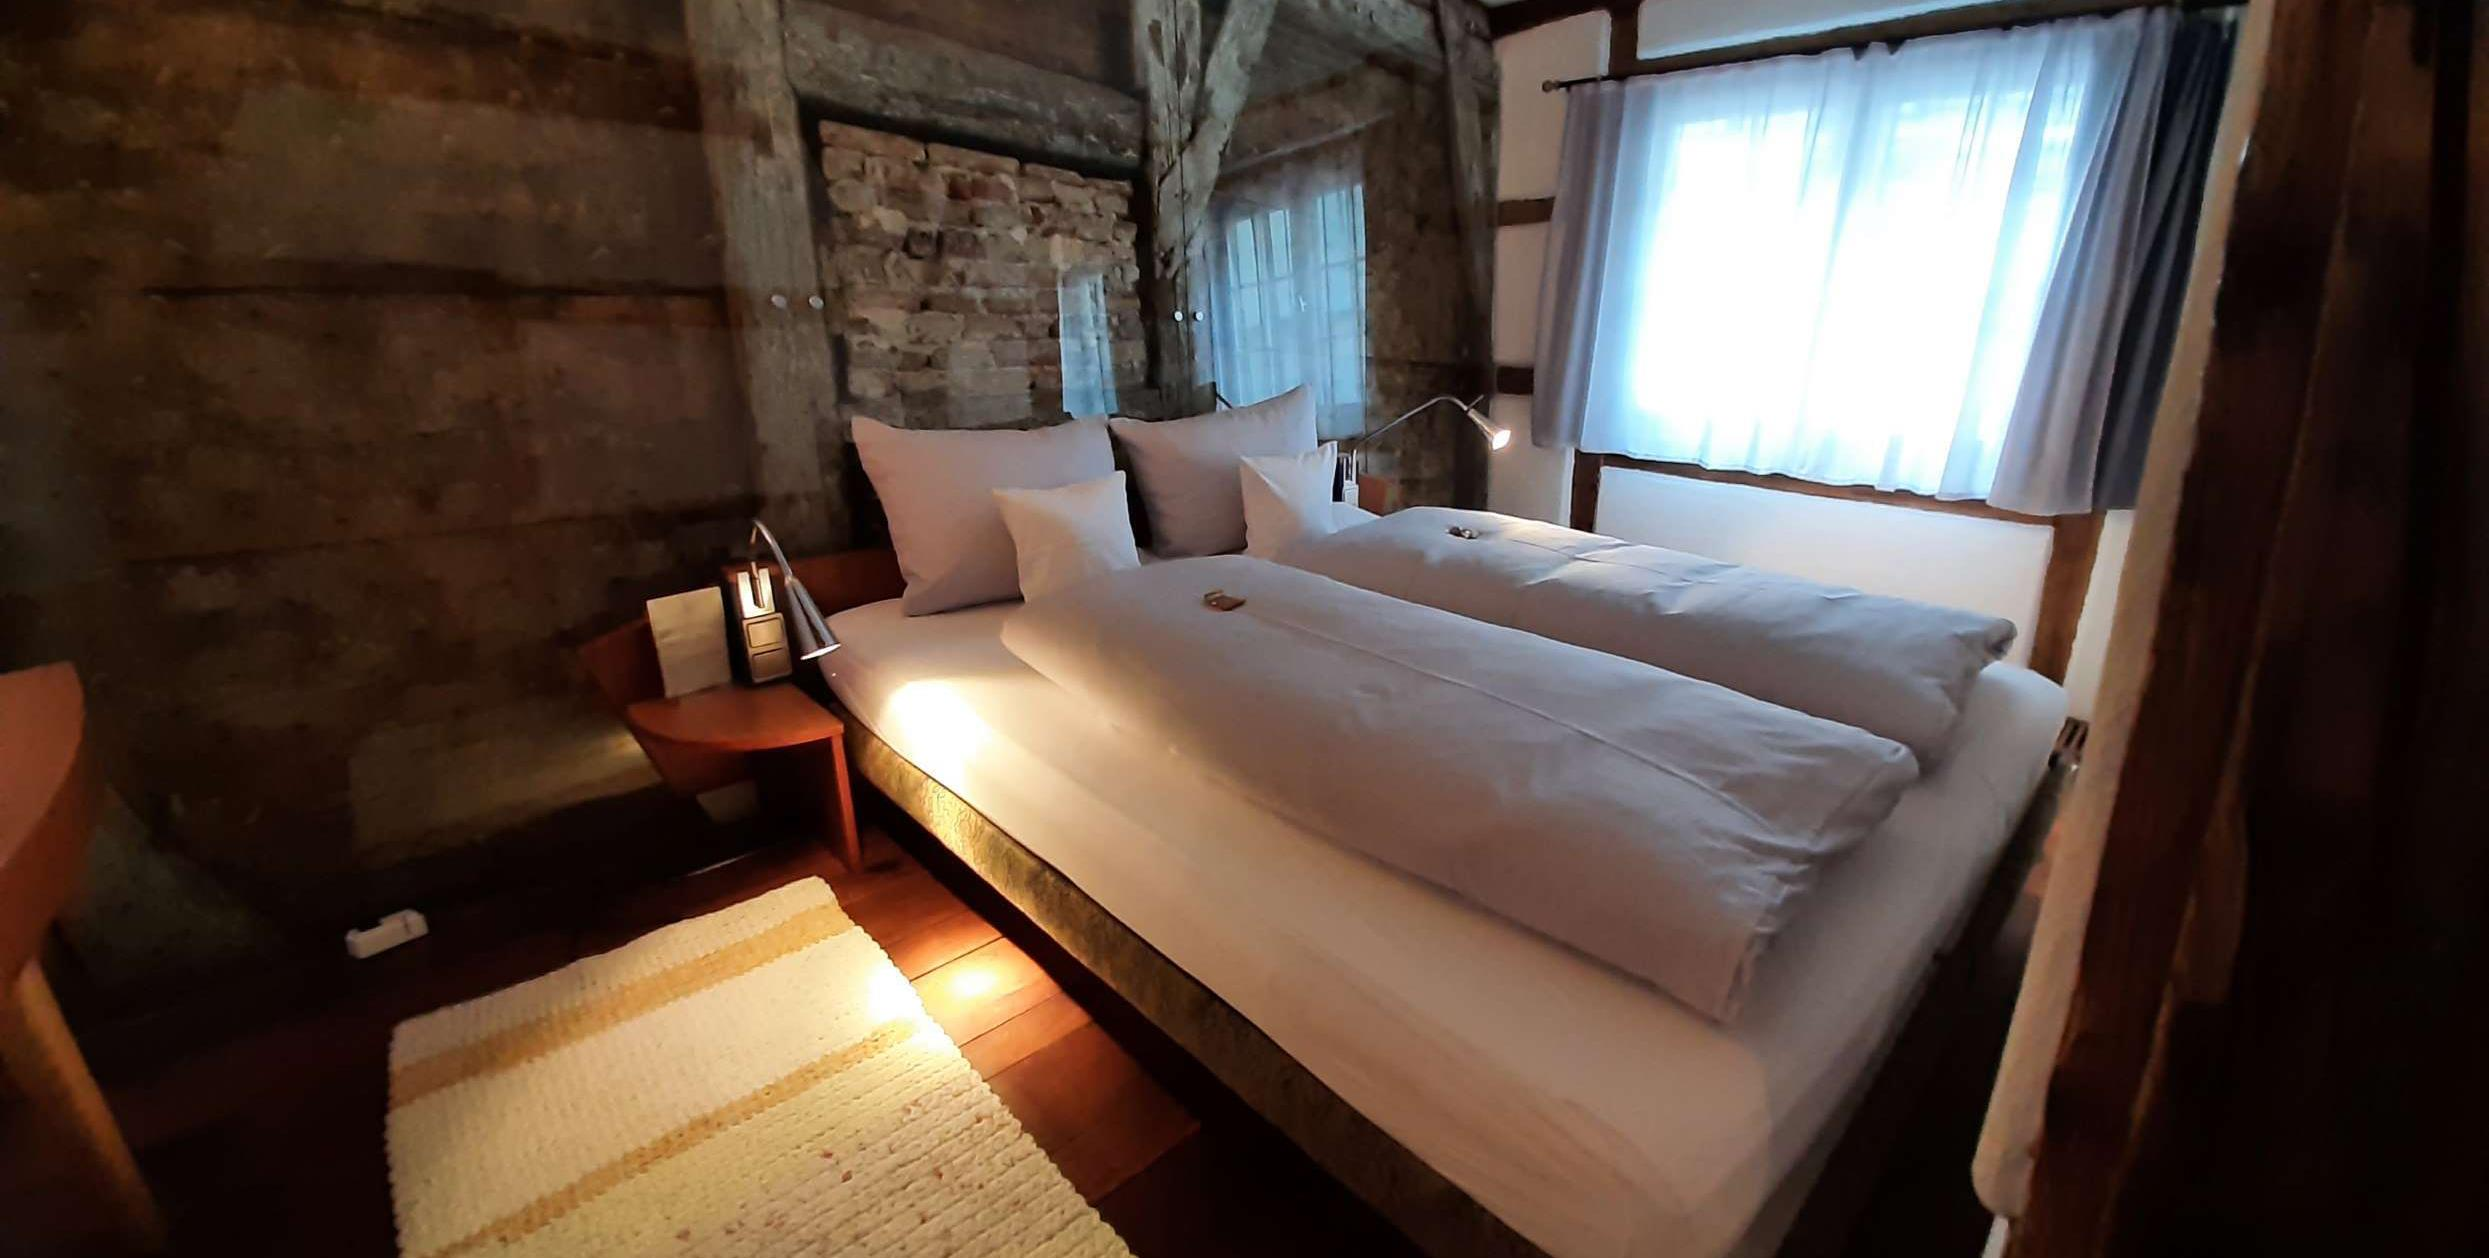 Hotels Ulm Neu Ulm Hotel Schiefes Haus